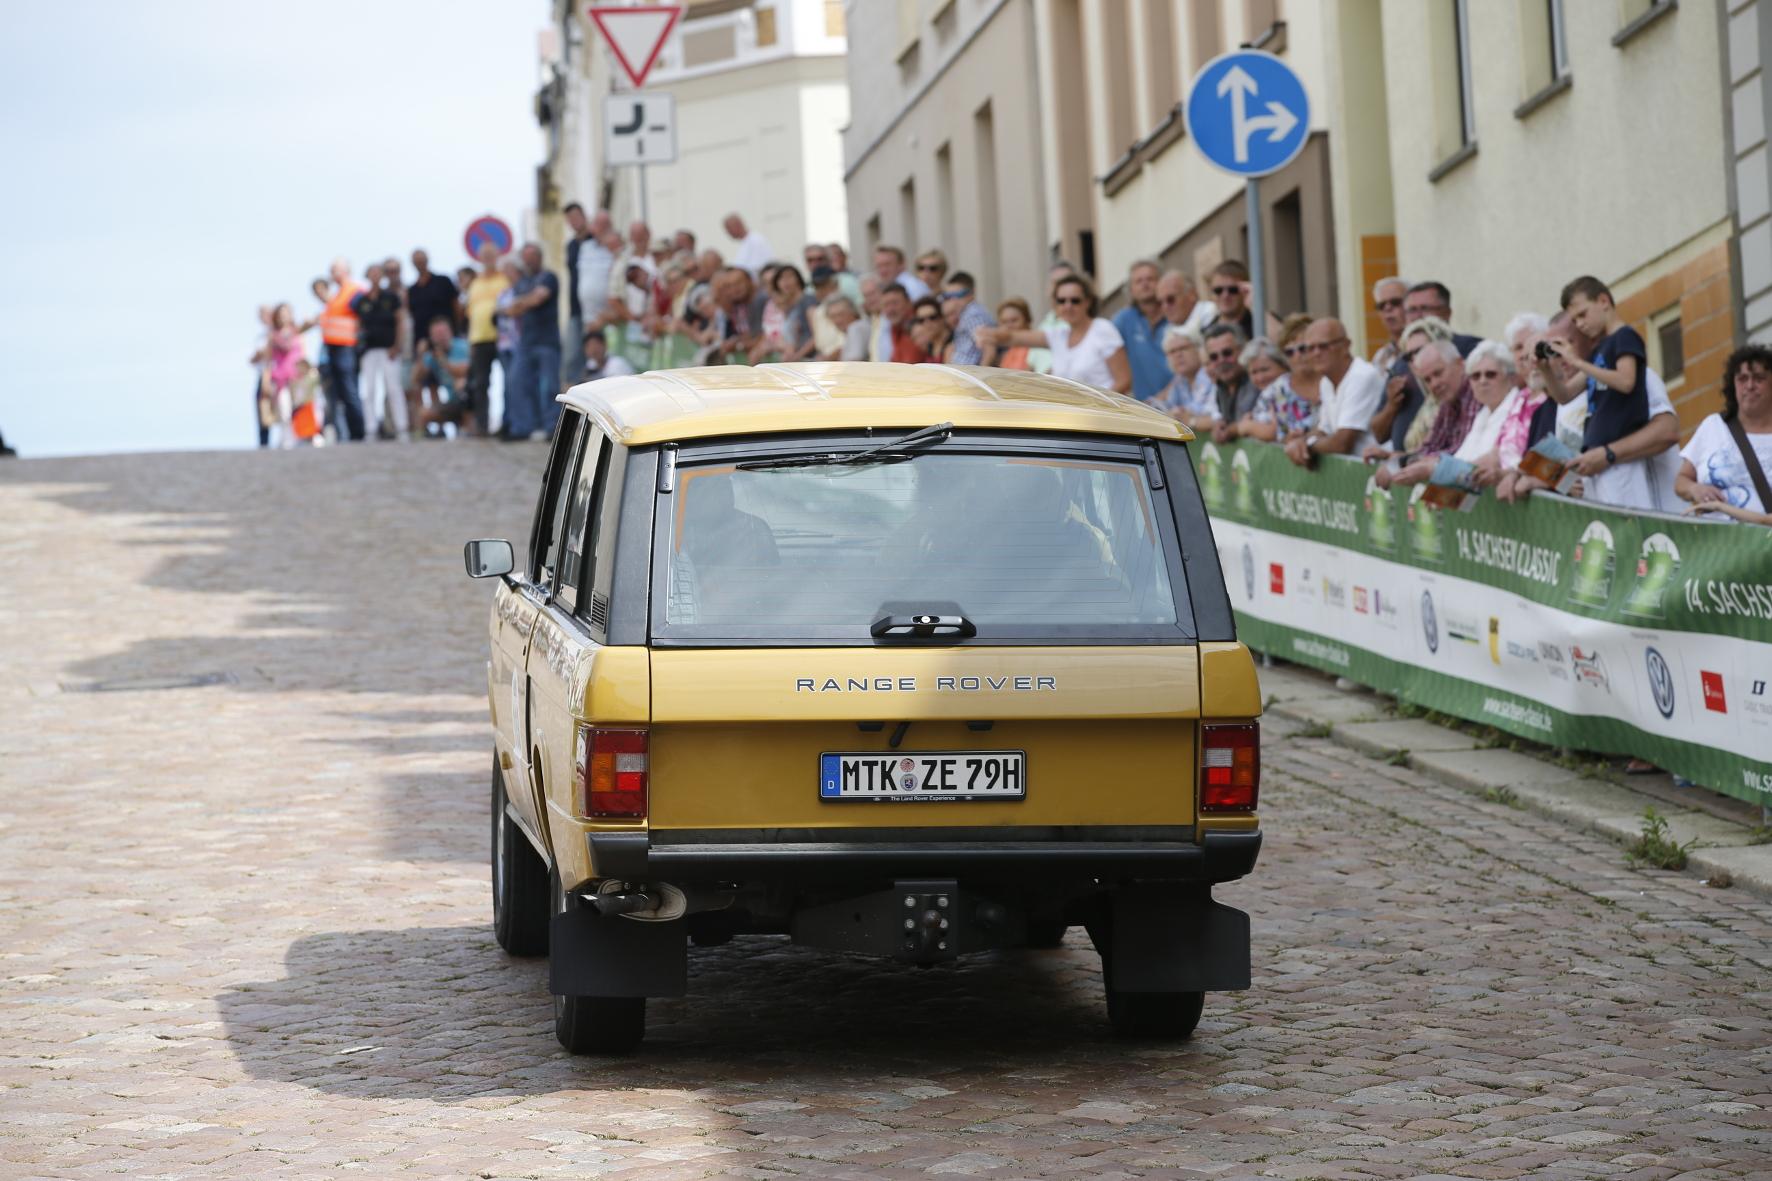 Museumsreif: Die kantige Form galt als hochentwickelt und ebnete dem Range Rover den Weg als Exponat in den Louvre.